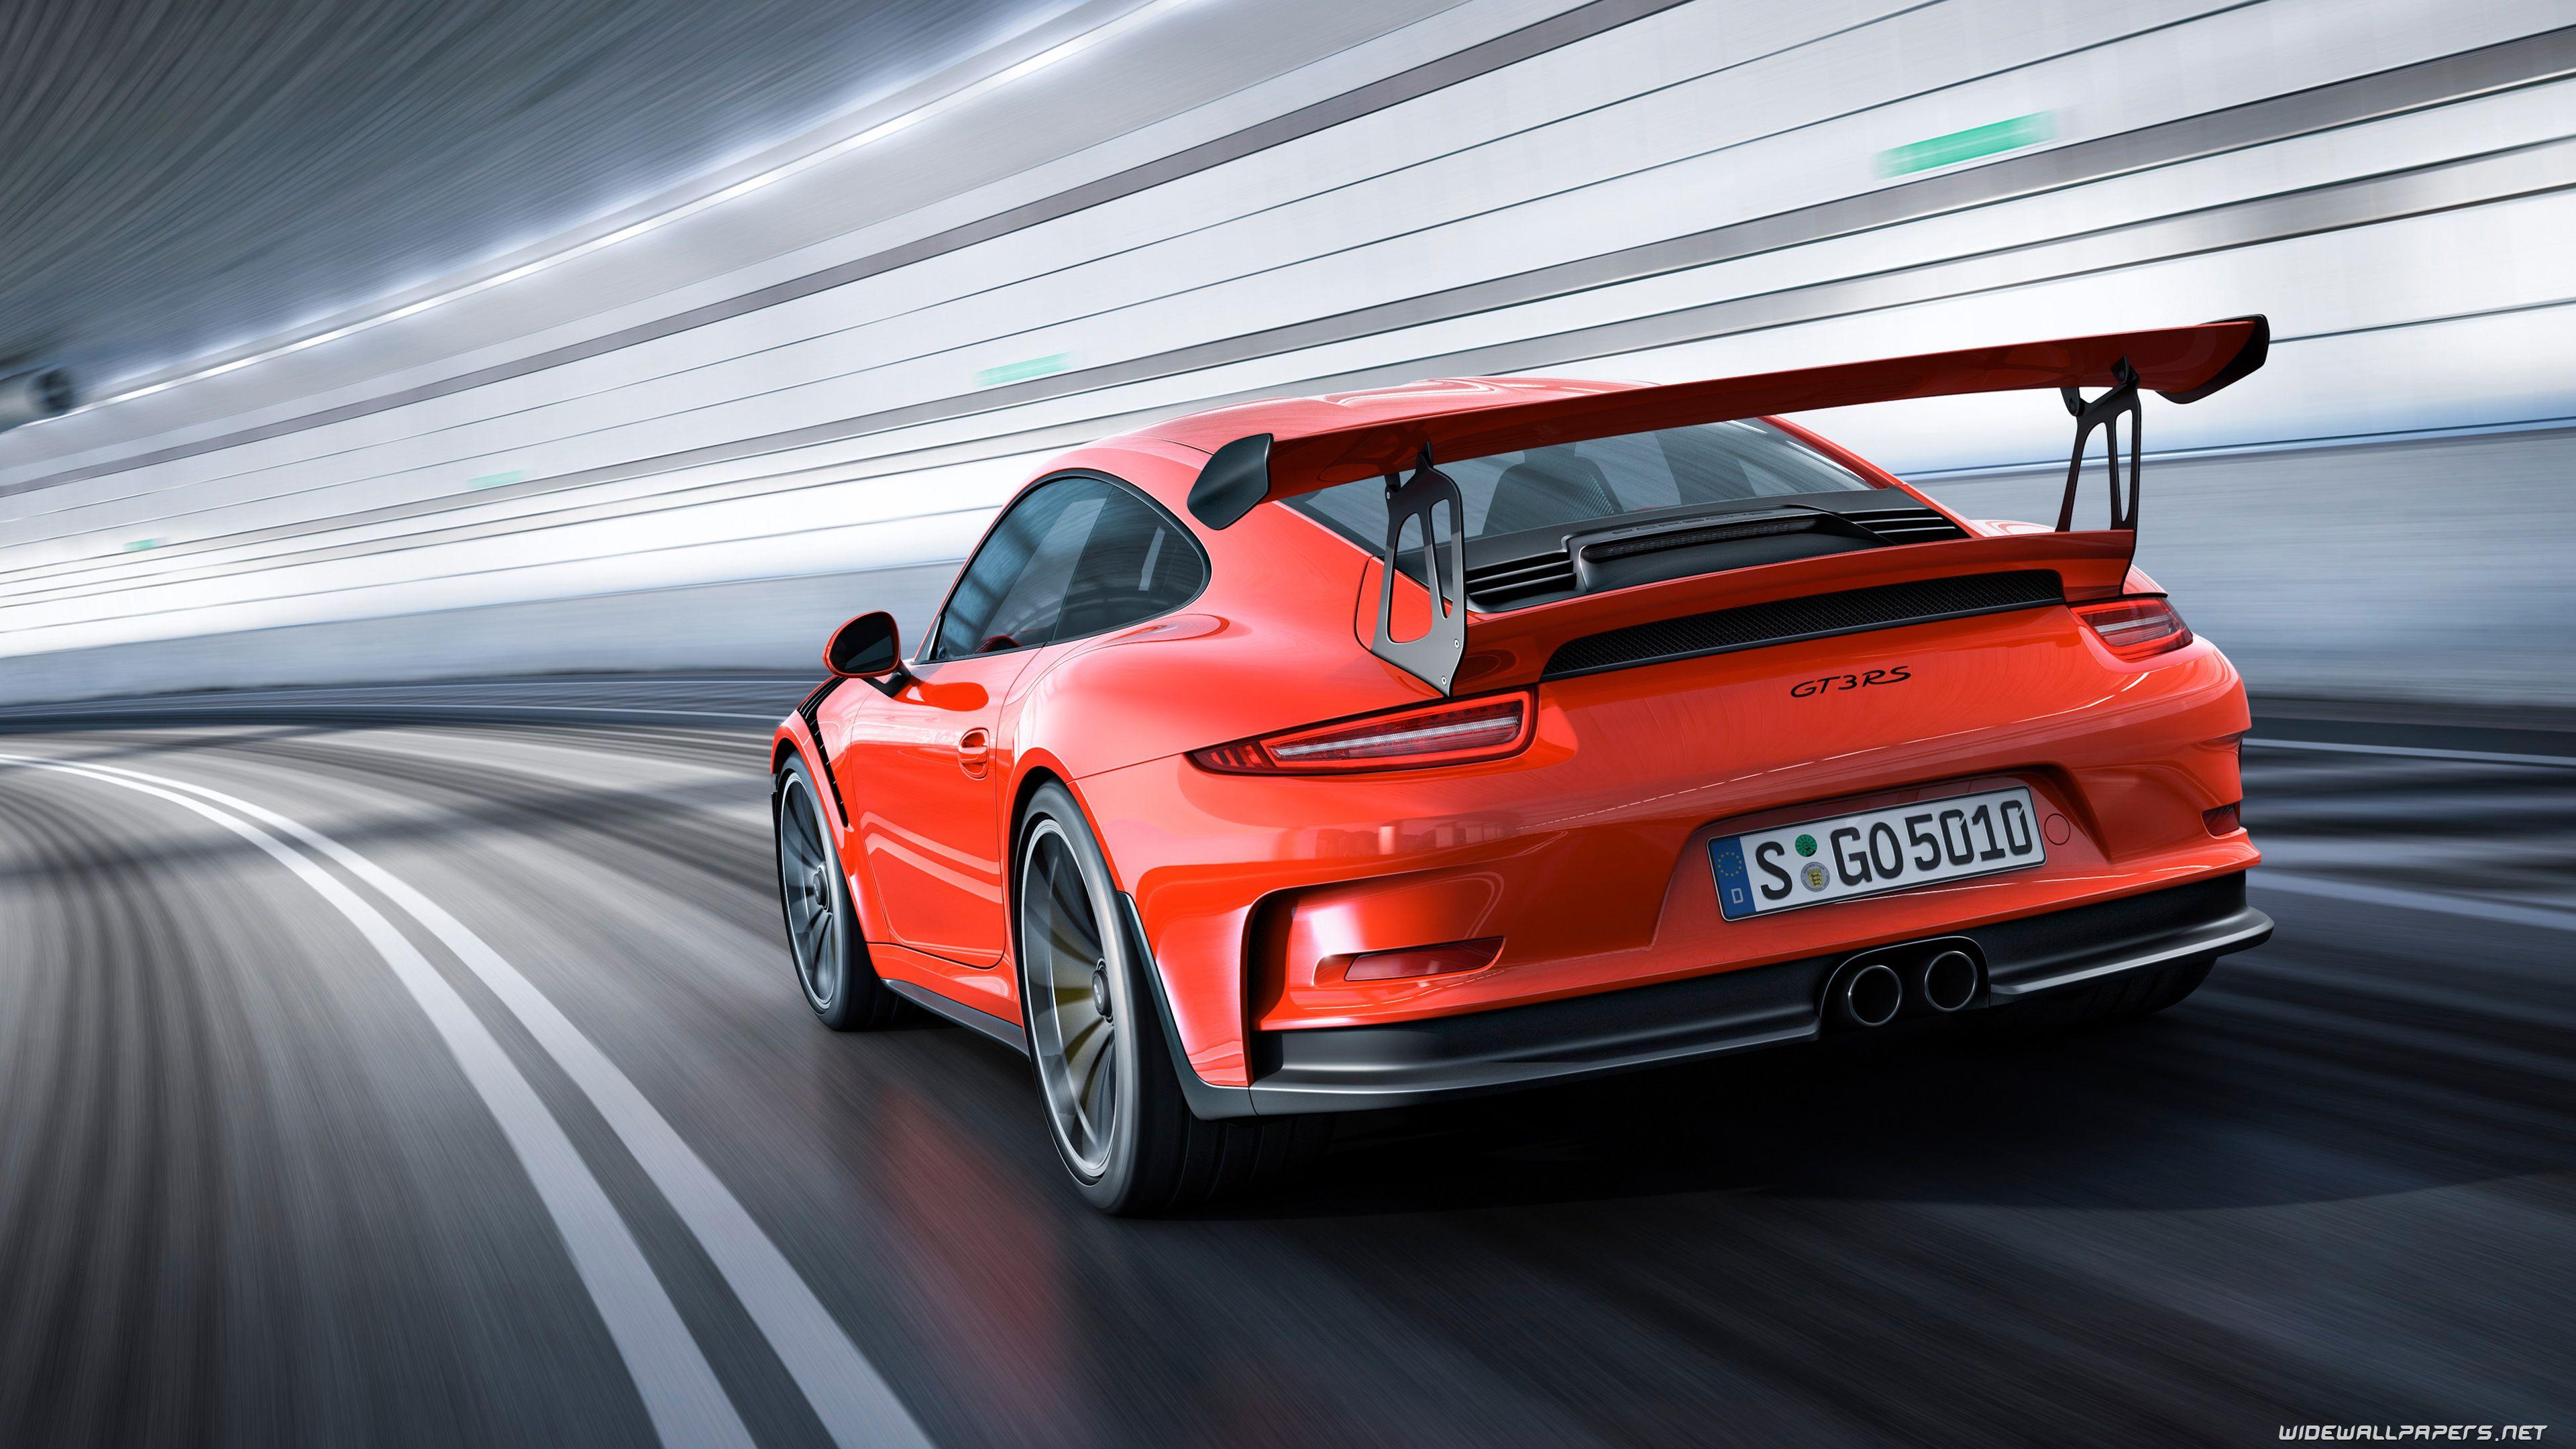 4K Ultra HD Porsche Wallpapers   Top 4K Ultra HD Porsche 3840x2160